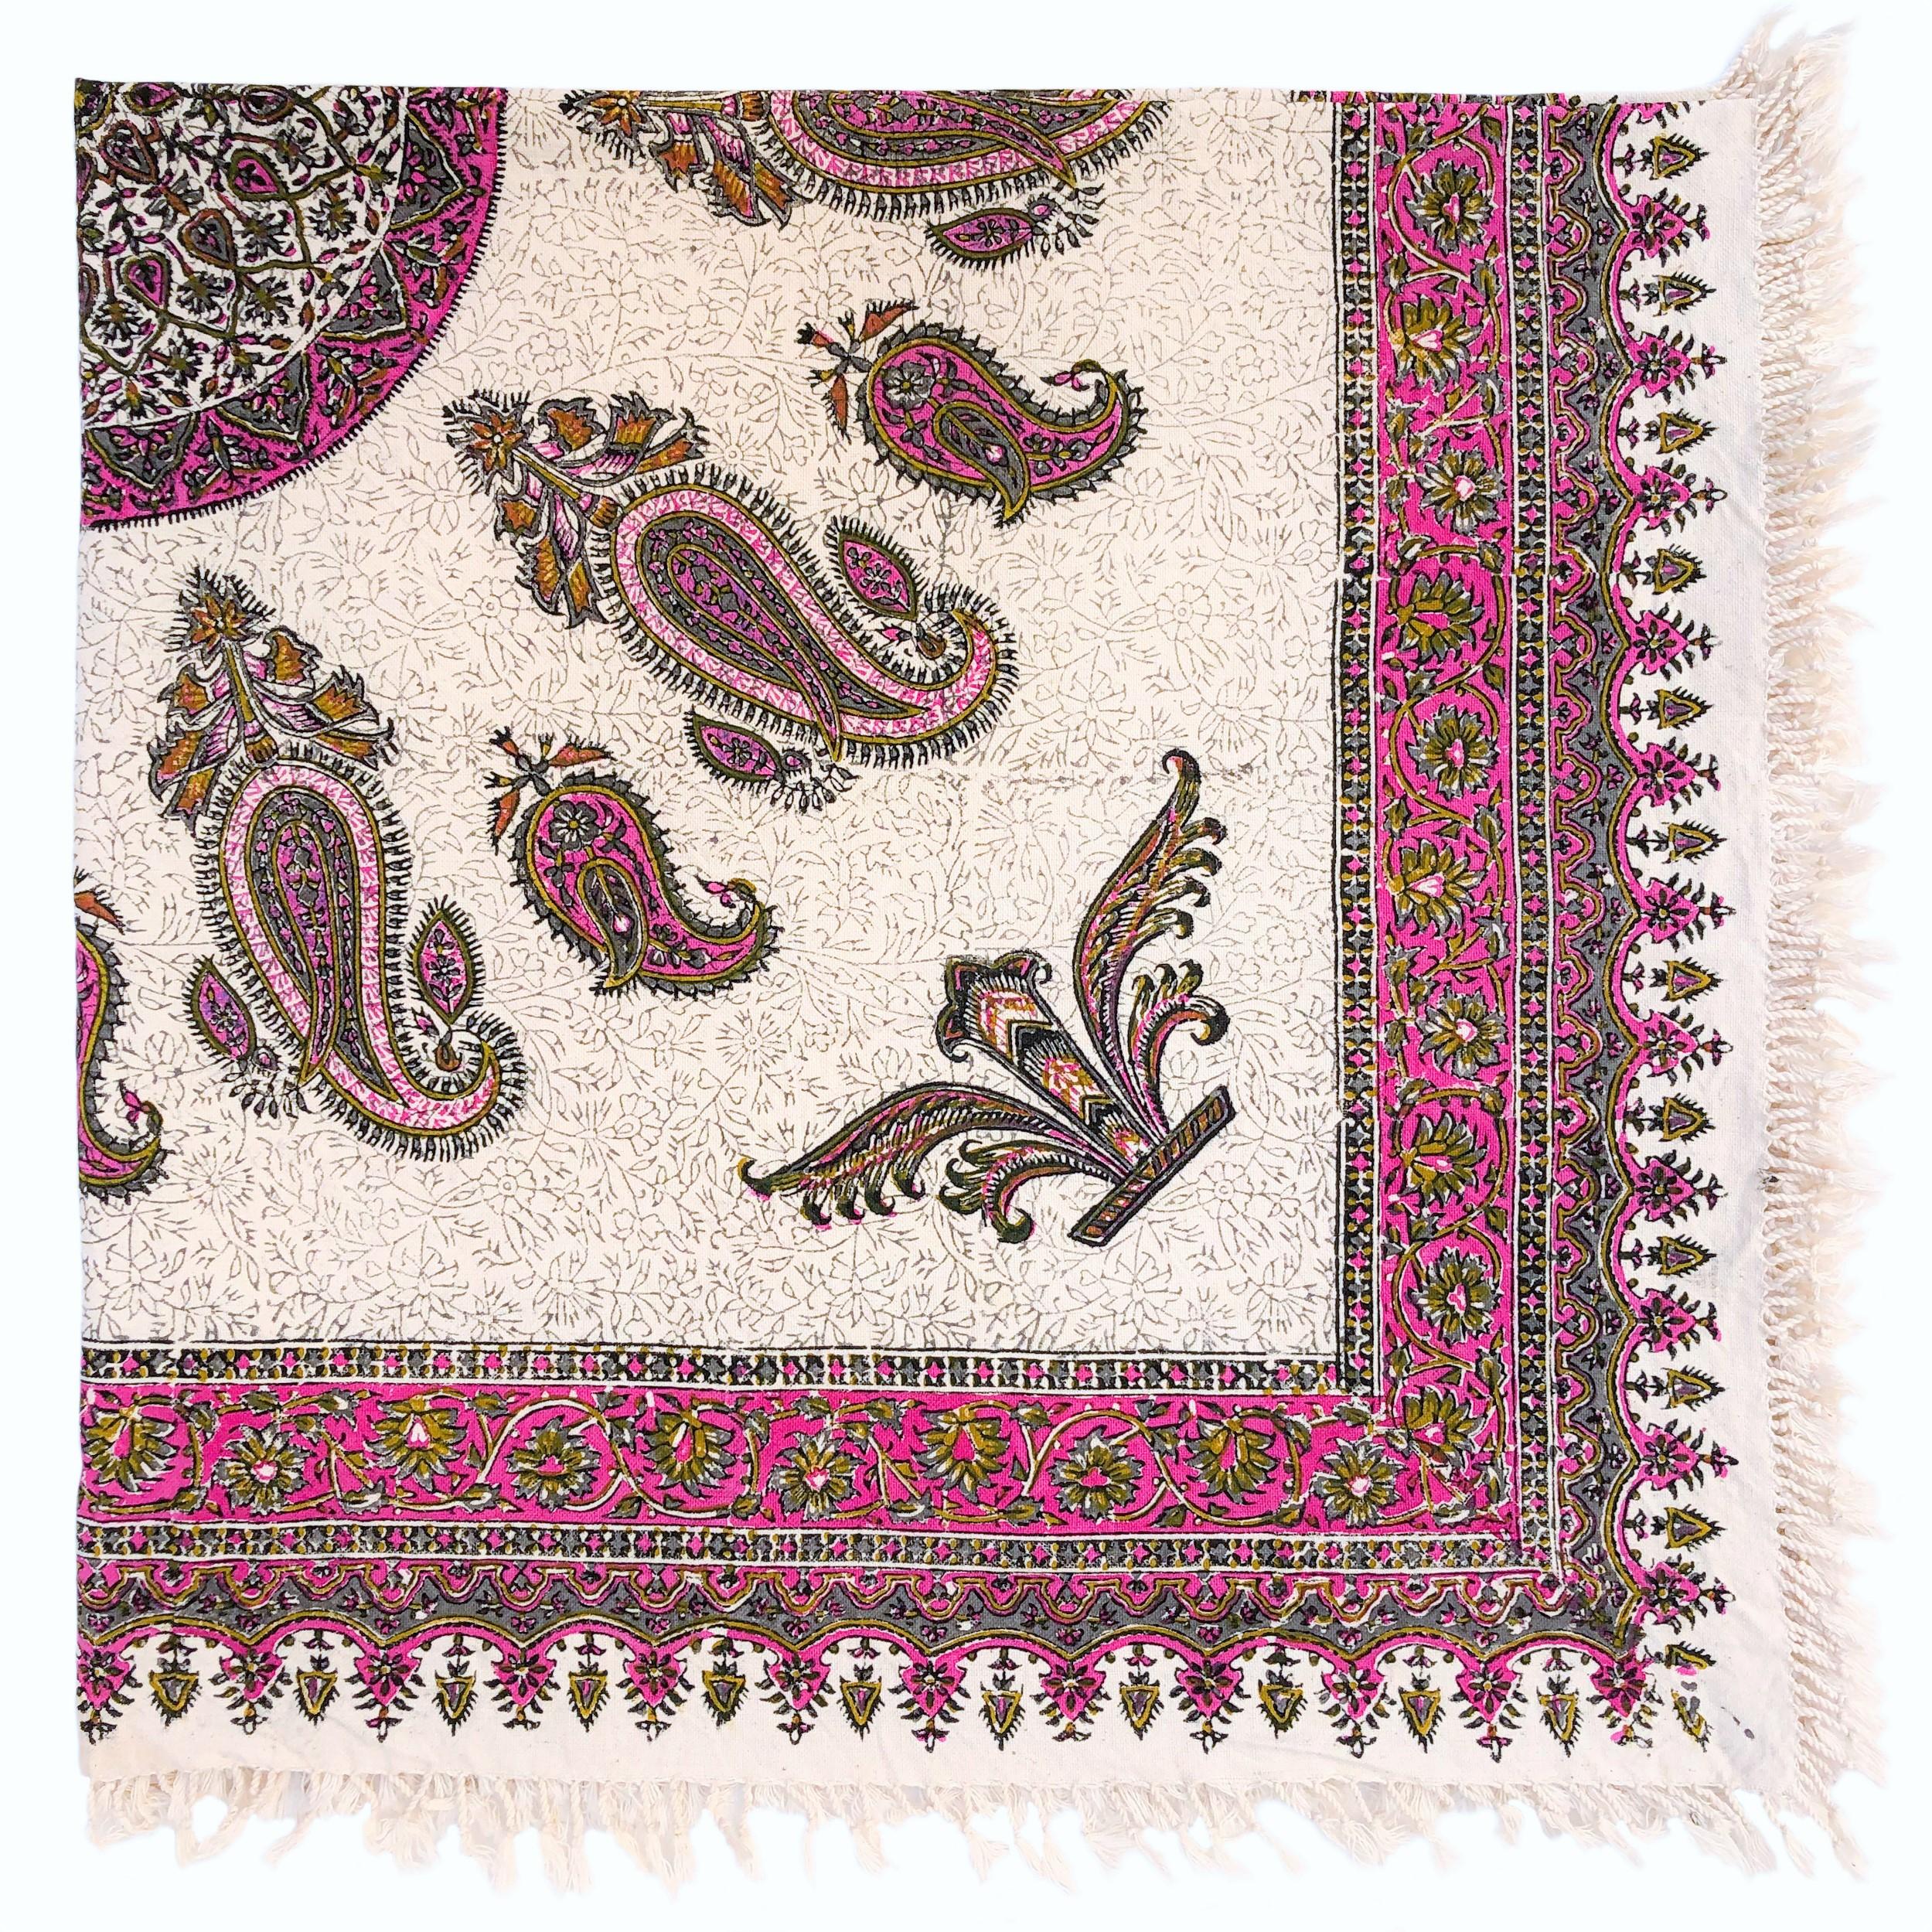 رومیزی قلمكار ممتاز اصفهان اثر عطريان طرح ترنج مدلG54سايز 120*120 سانتيمتر